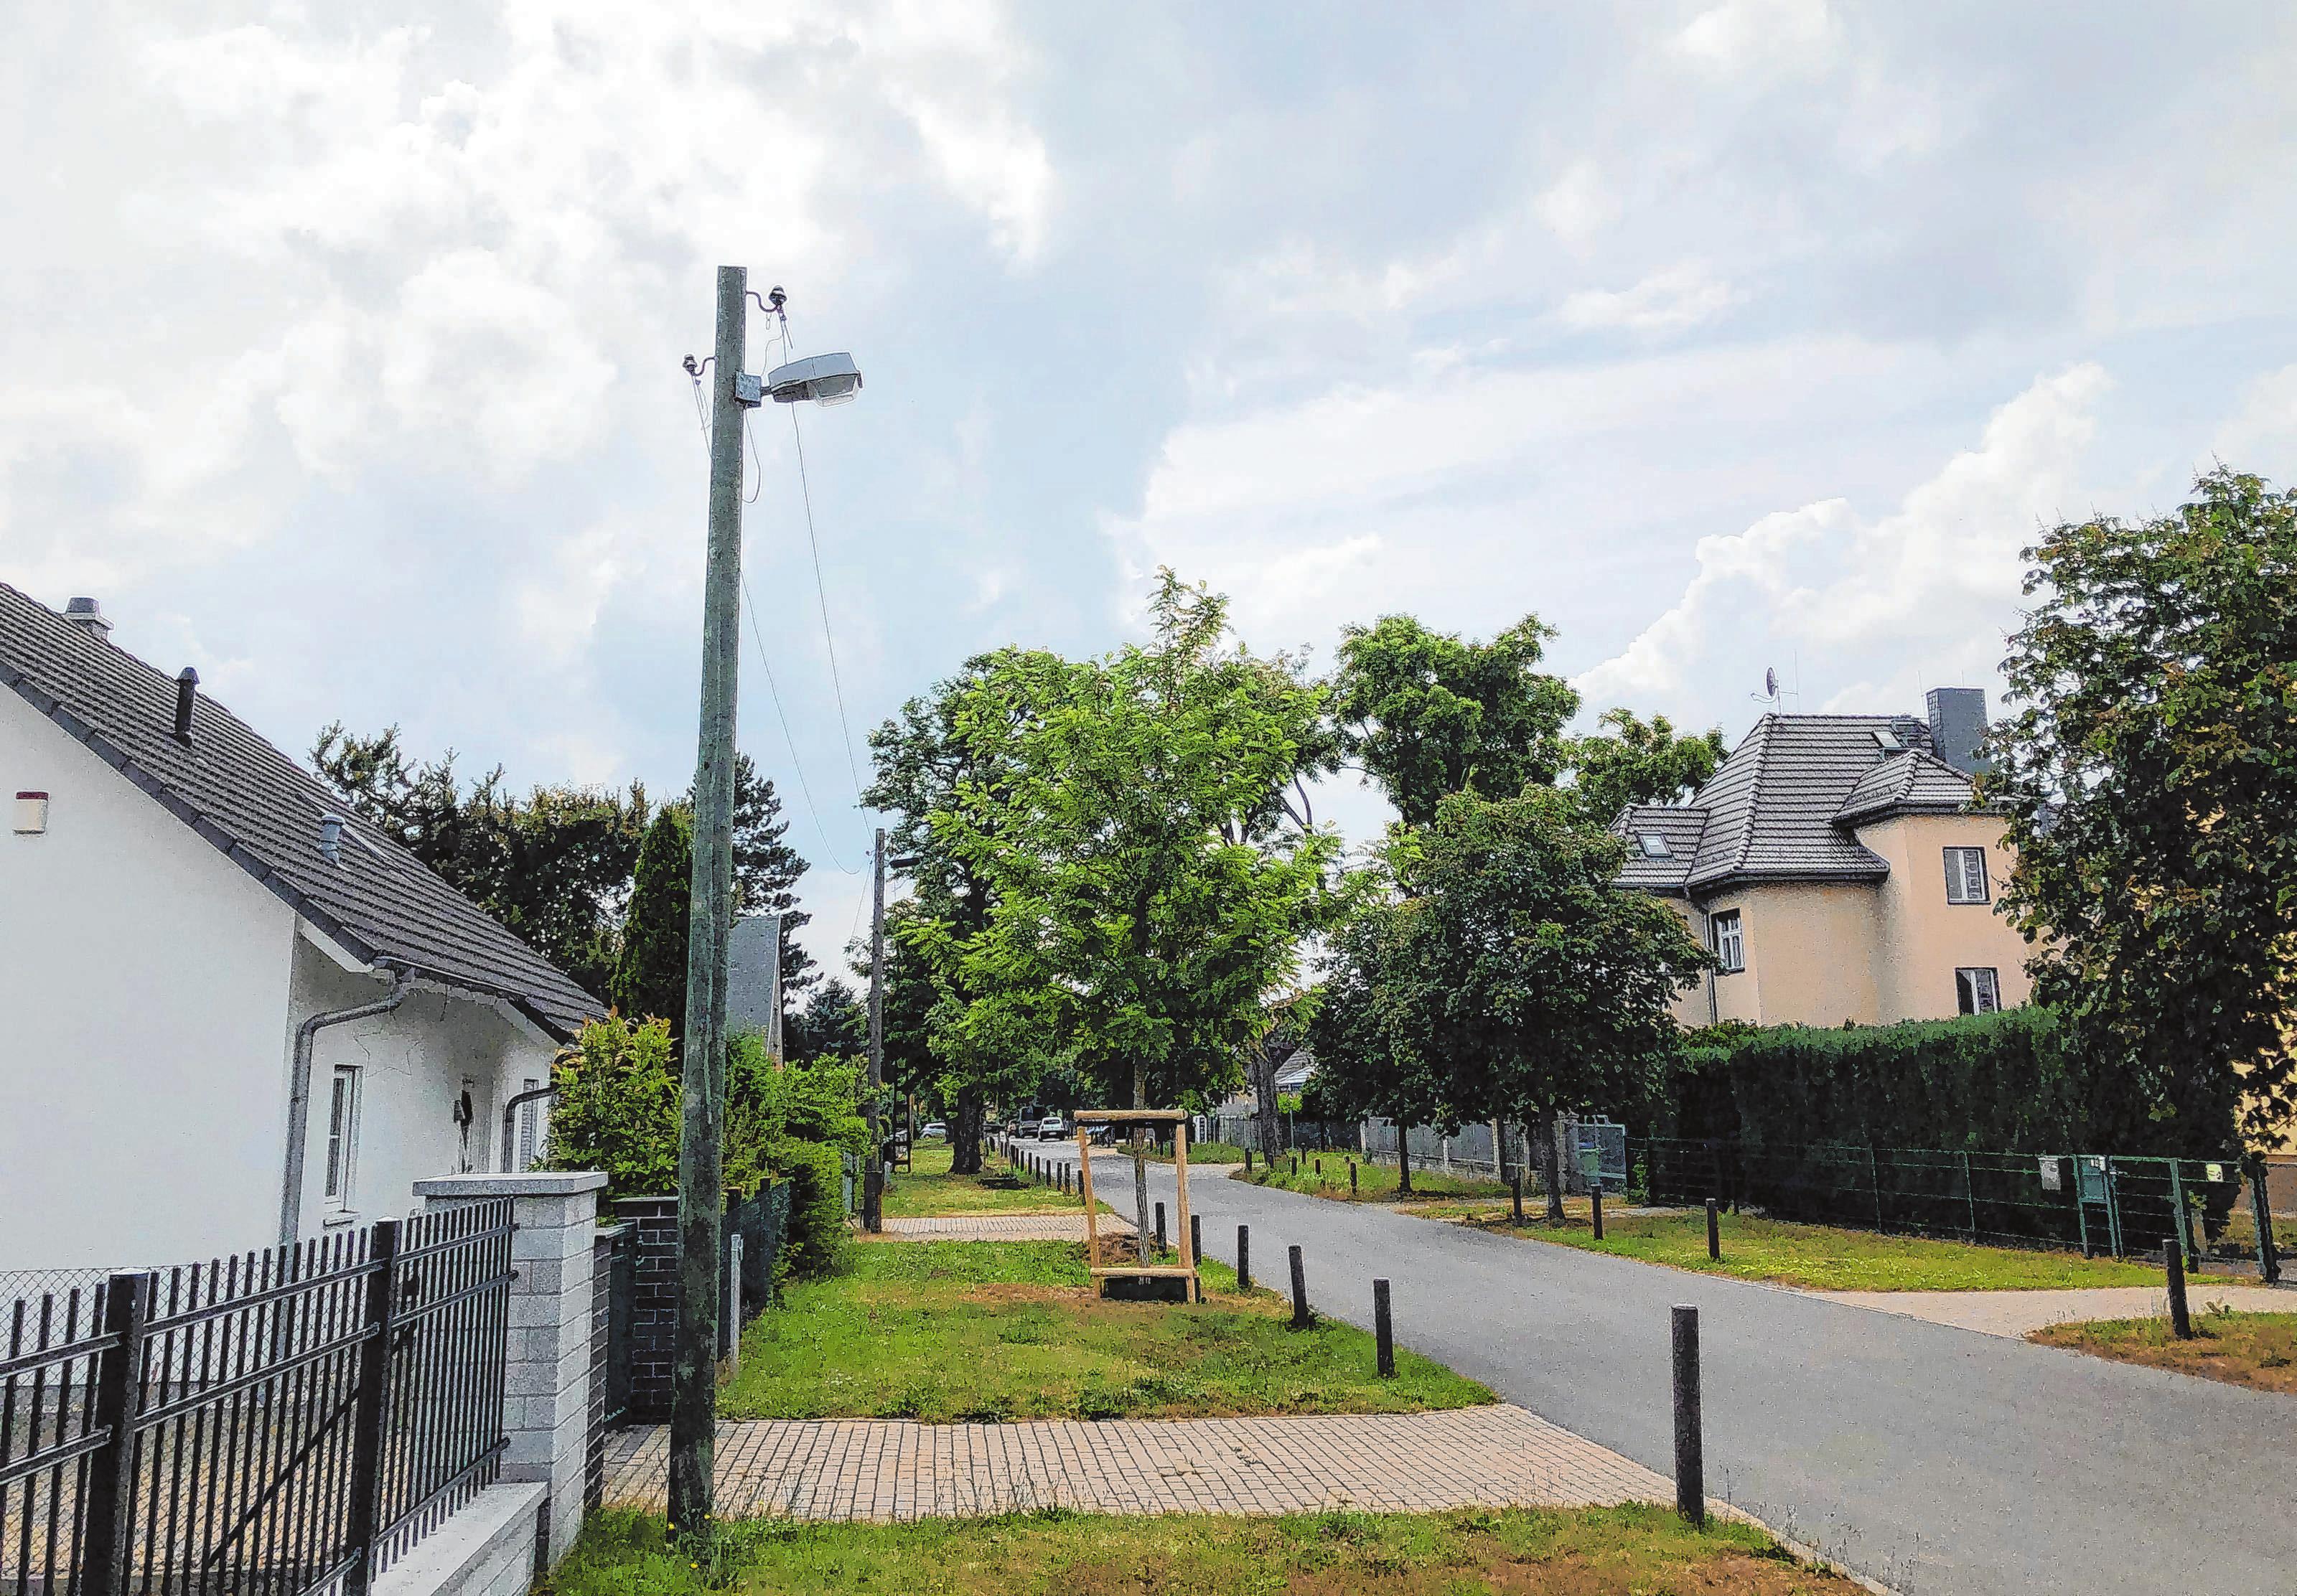 Hier in der Roseggerstraße und auch in der Heimgarten-, Fontane-, Ganghofer- und Scheffelstraße sowie im Horstweg und in der Straße Am Friedhof wird die Straßenbeleuchtung erneuert werden. Foto: Jana Reimann-Grohs